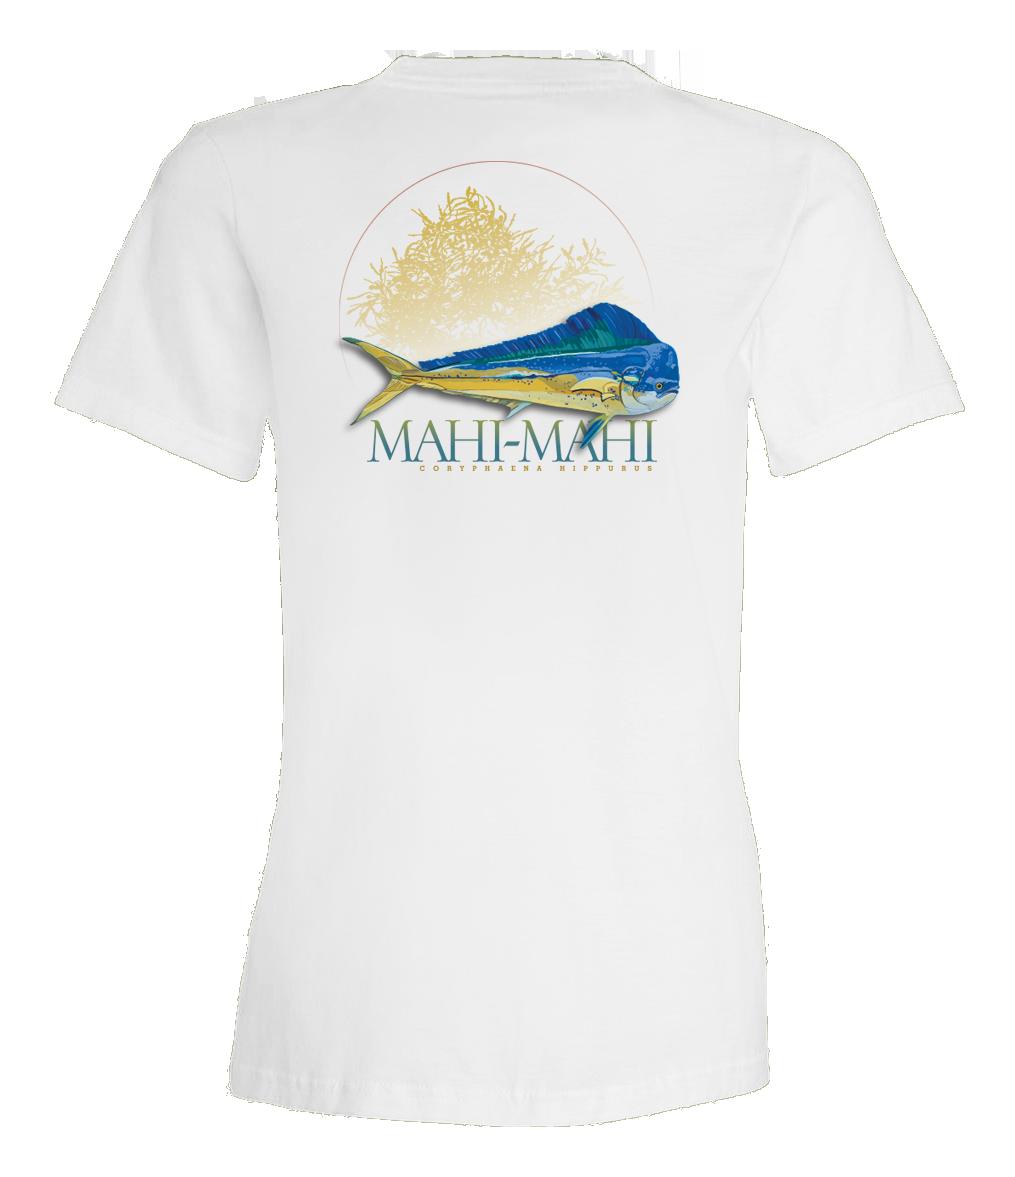 Women's Fishing Shirts